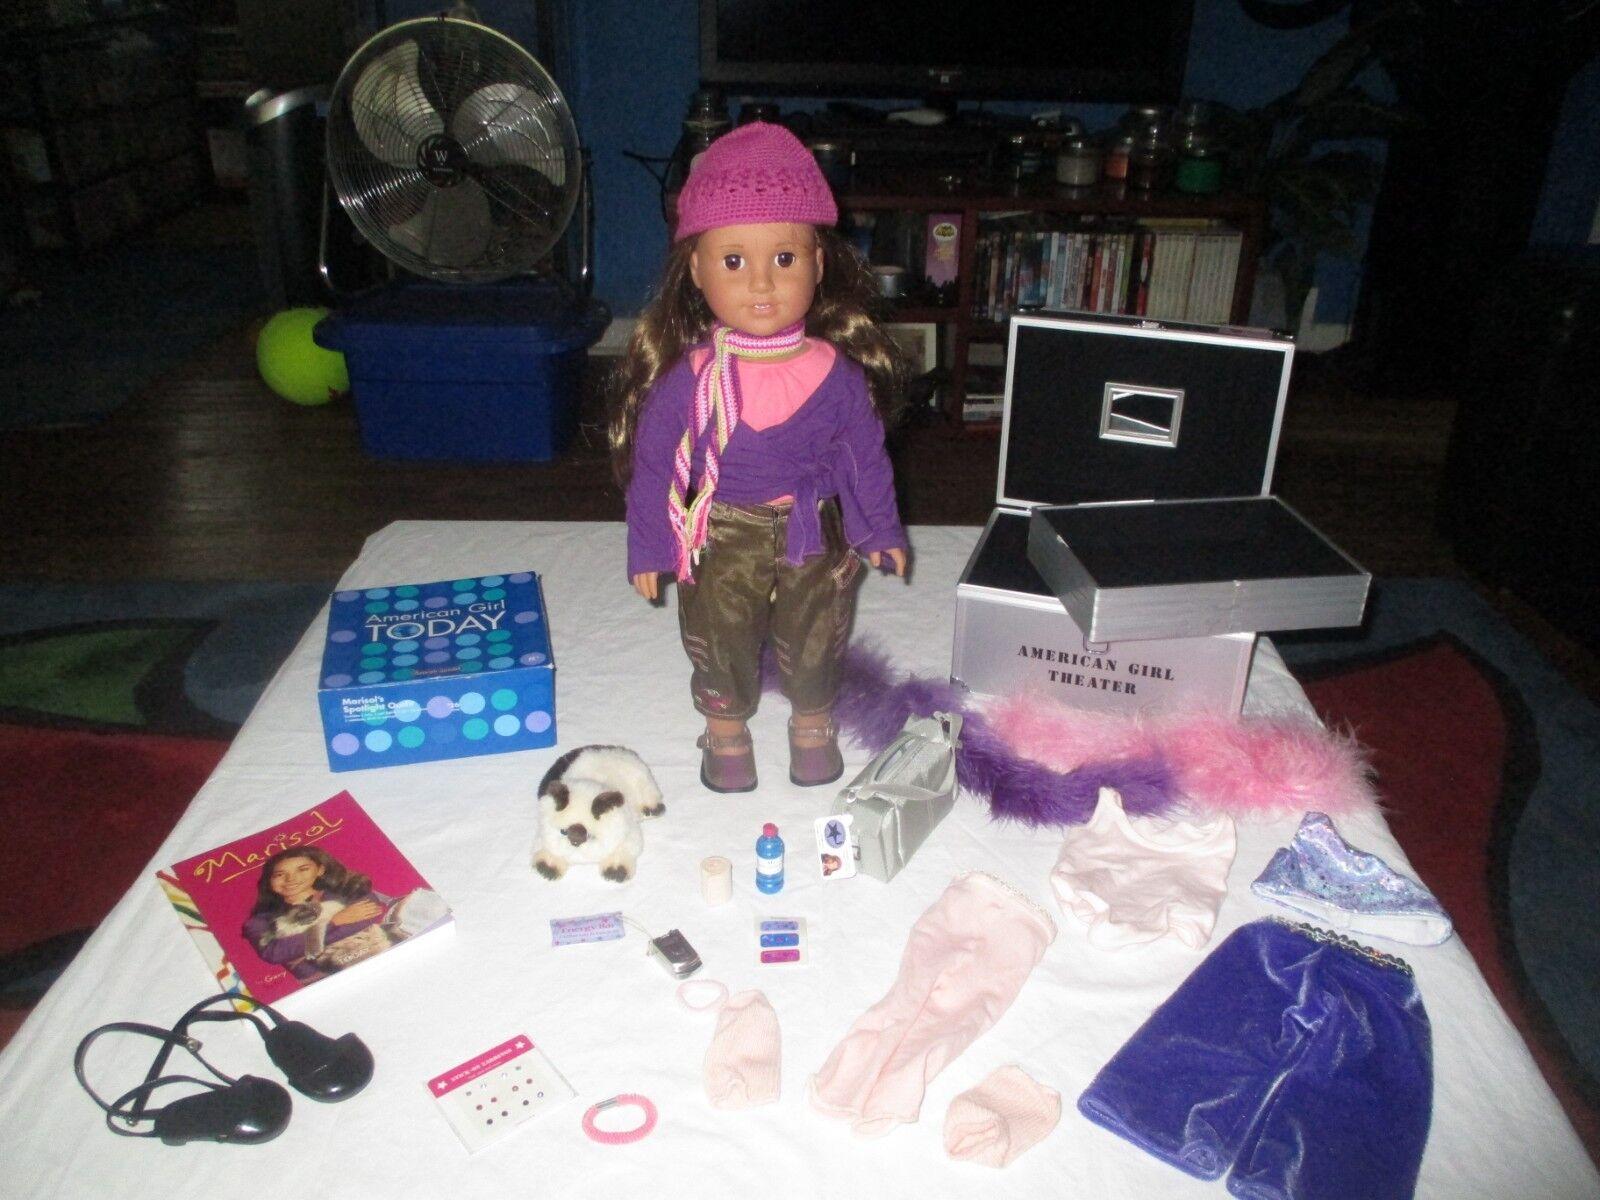 American Girl Marisol la muñeca de danza teatro tronco Estuche Acc's & Gato